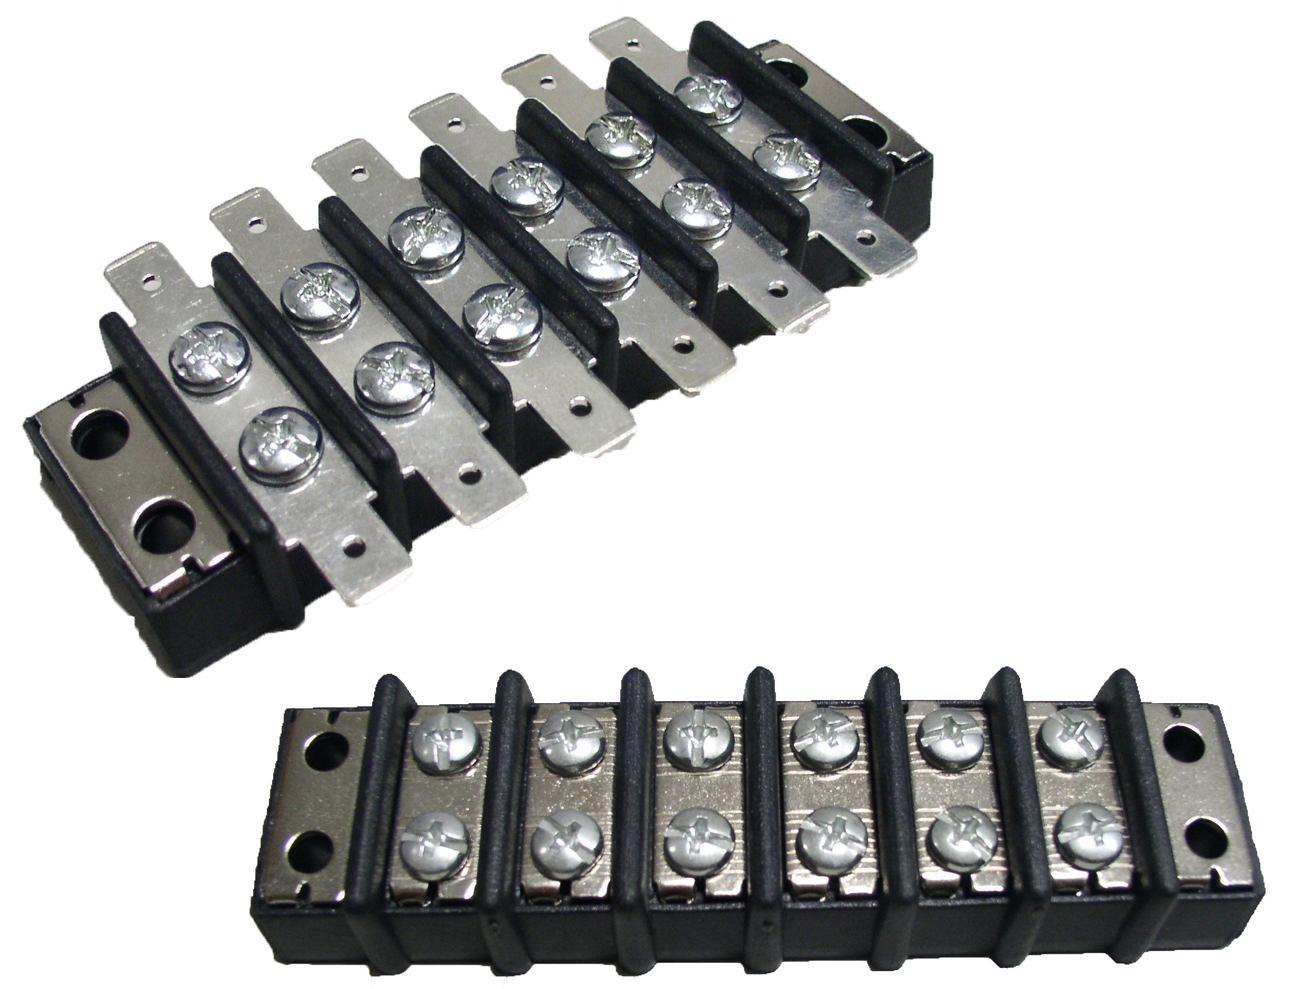 複列端子台 - 複列端子台